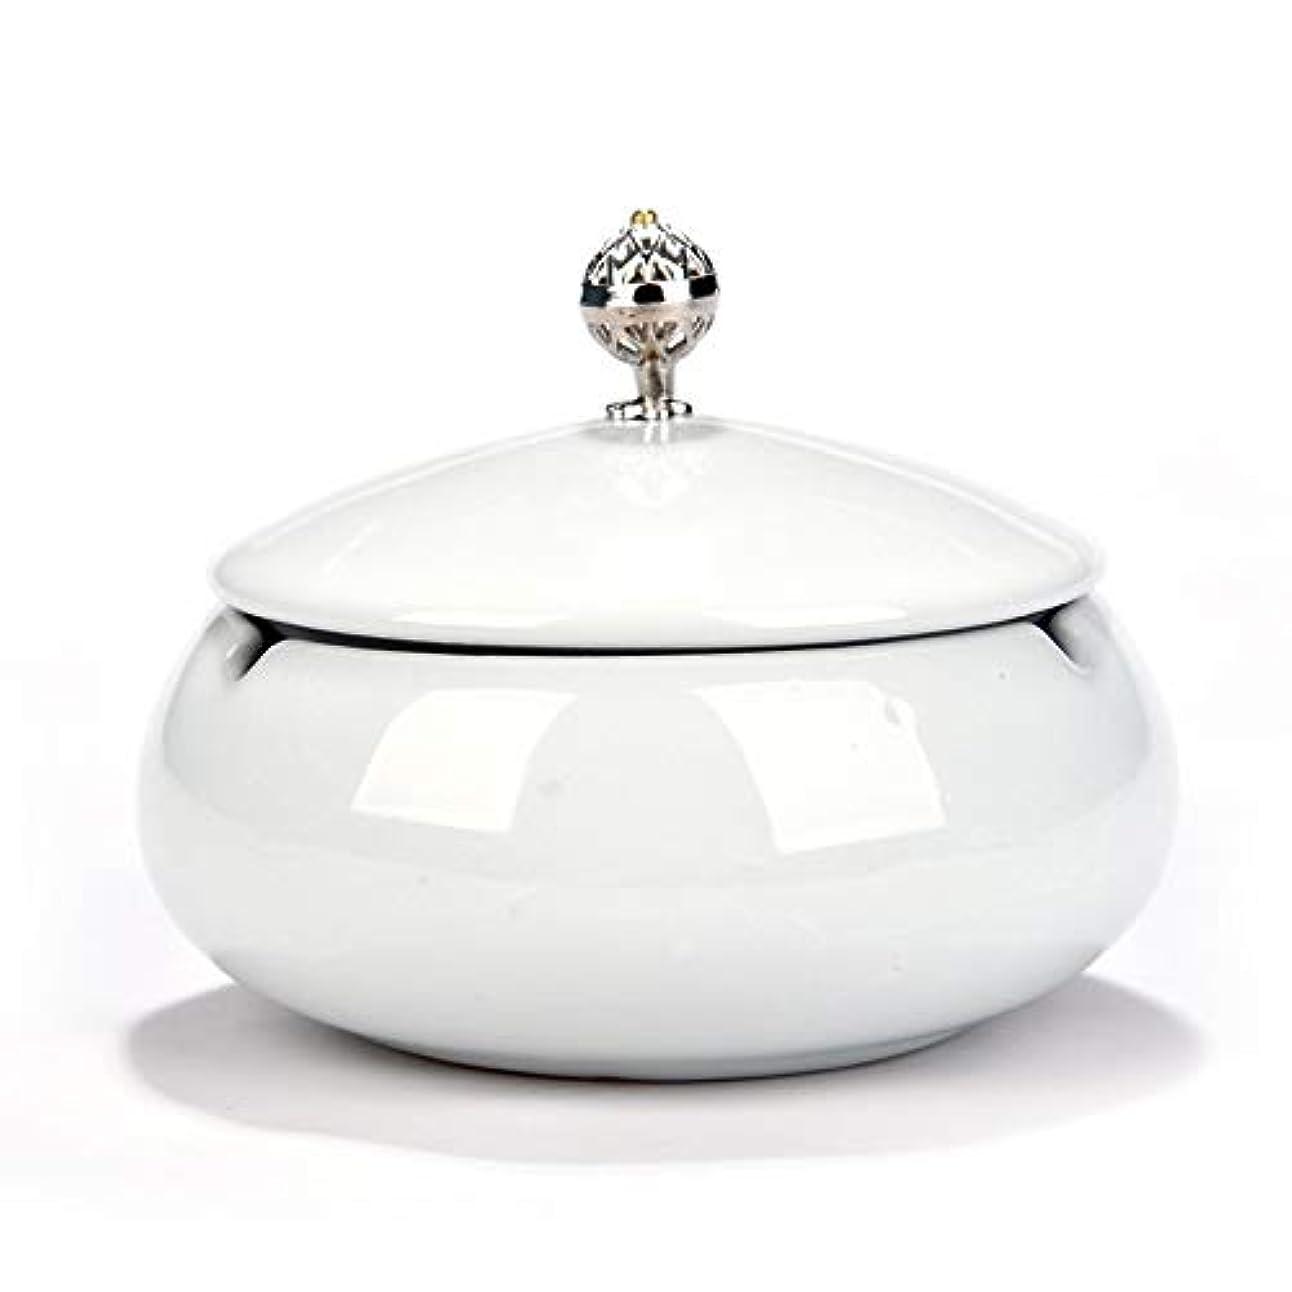 慢な魂タバコ、ギフトおよび総本店の装飾のための円形の光沢のあるセラミック灰皿 (色 : 白)